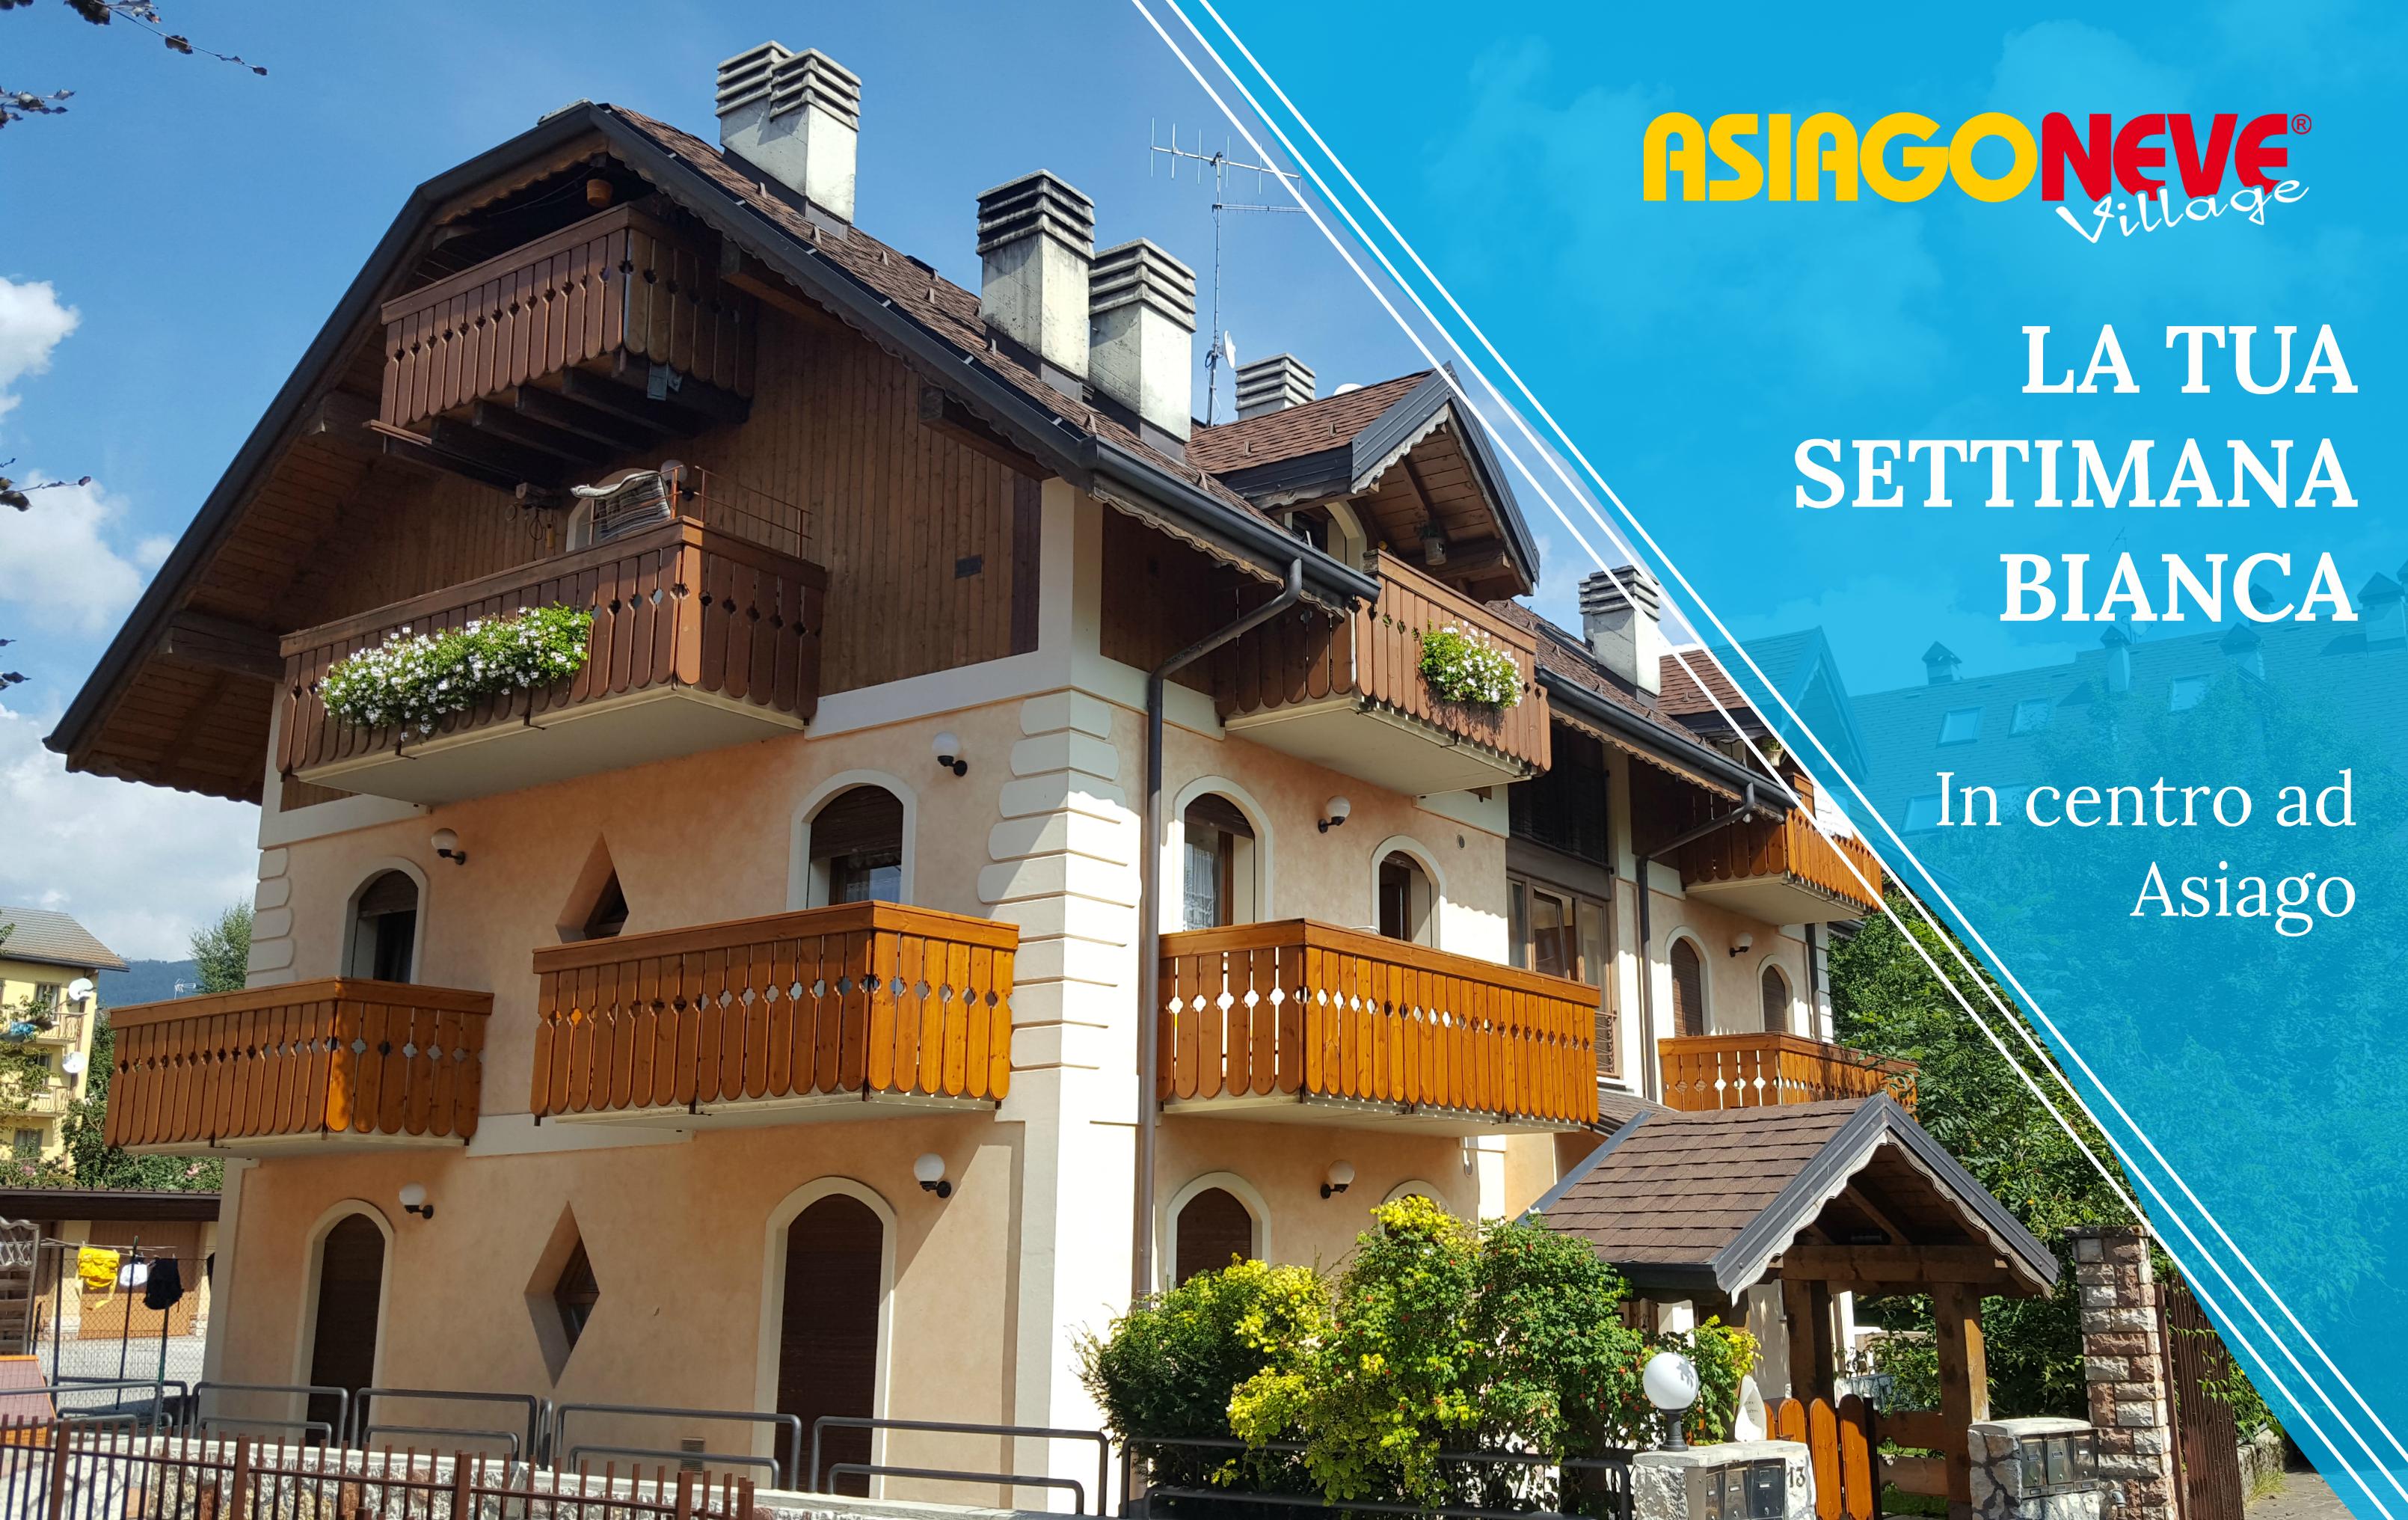 Appartamento ad asiago con formula ski inclusive for Asiago appartamenti vacanze prezzi